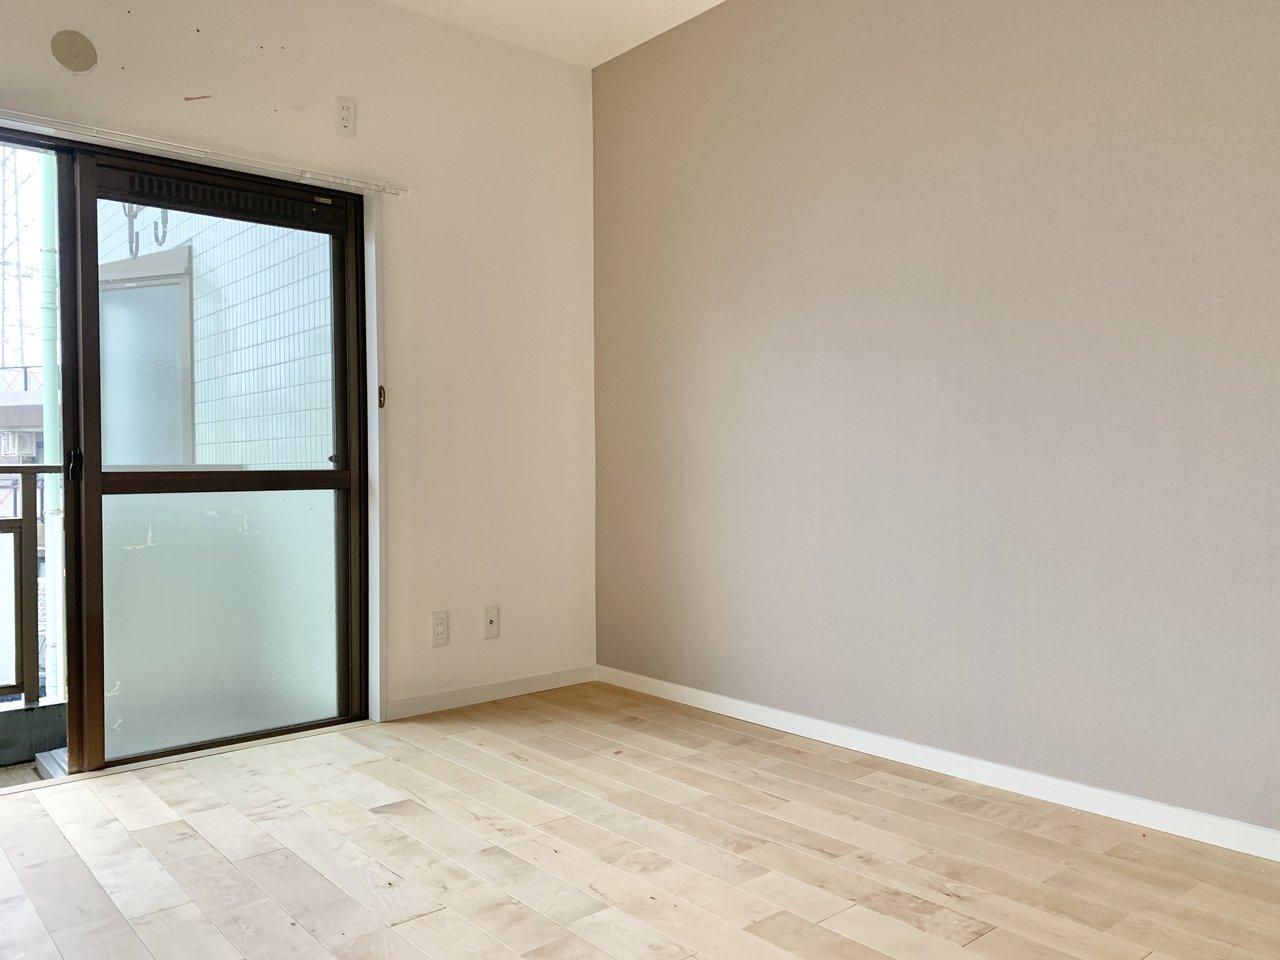 寝室ももちろん、無垢材を使用しています。壁は淡い色合いのクロスを。ベッドはこちら側に寄せて配置するとちょうど良さそう。